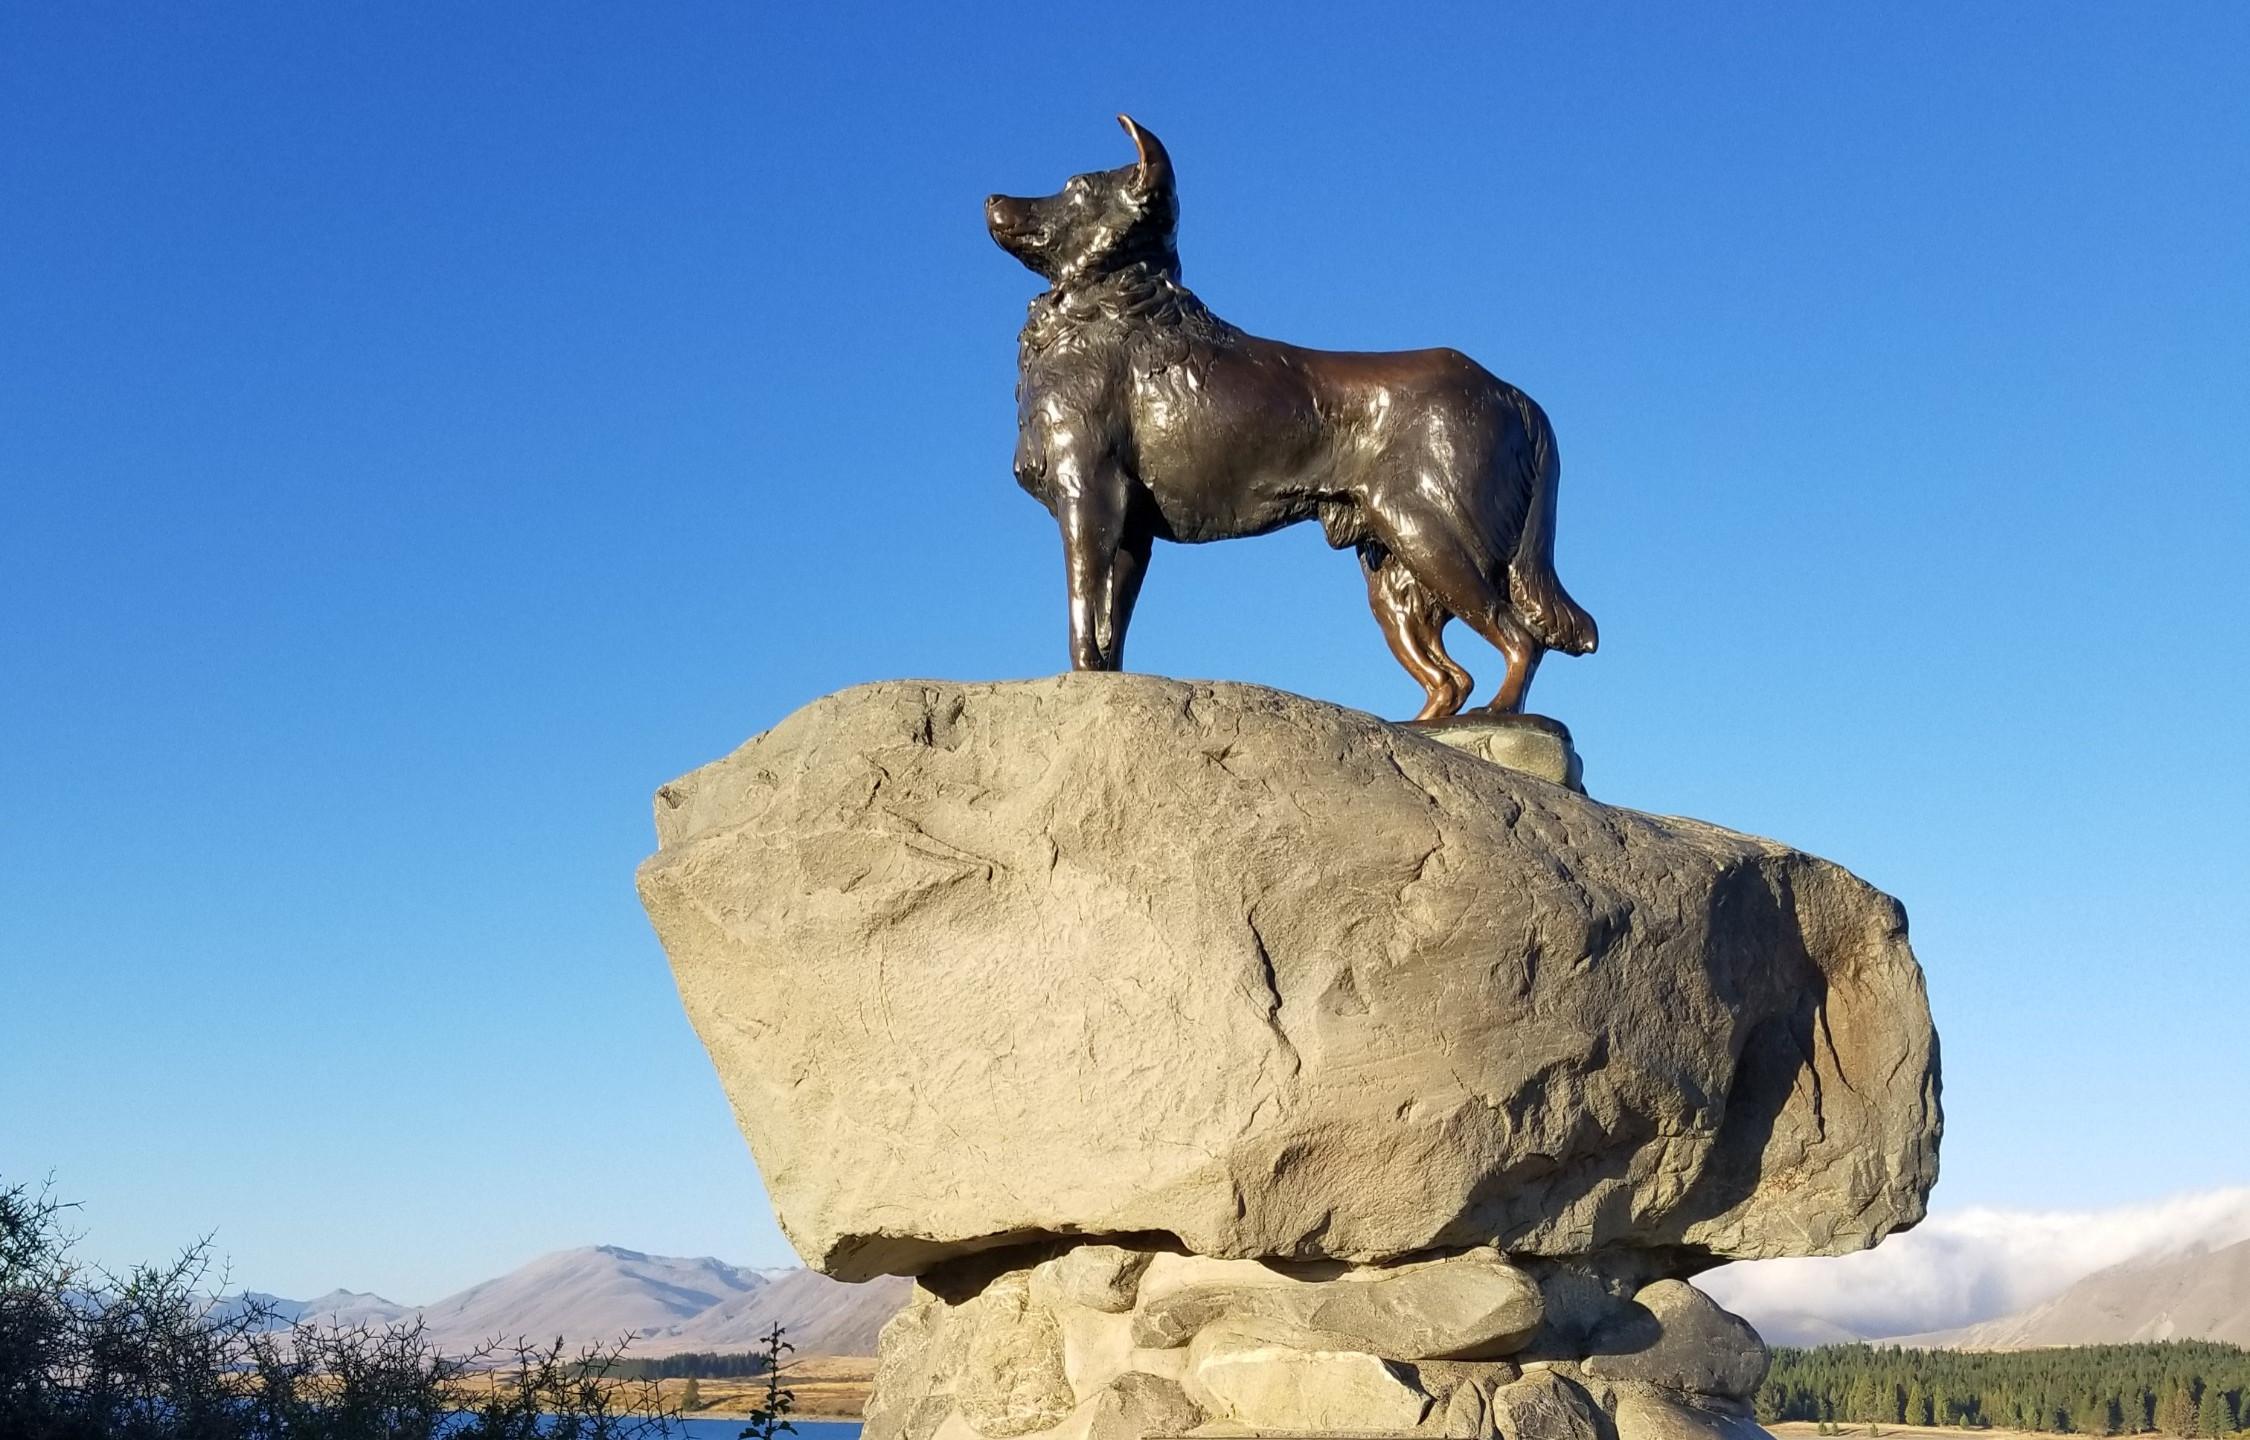 Dog monument, Tekapo, New Zealand activities, New Zealand tours